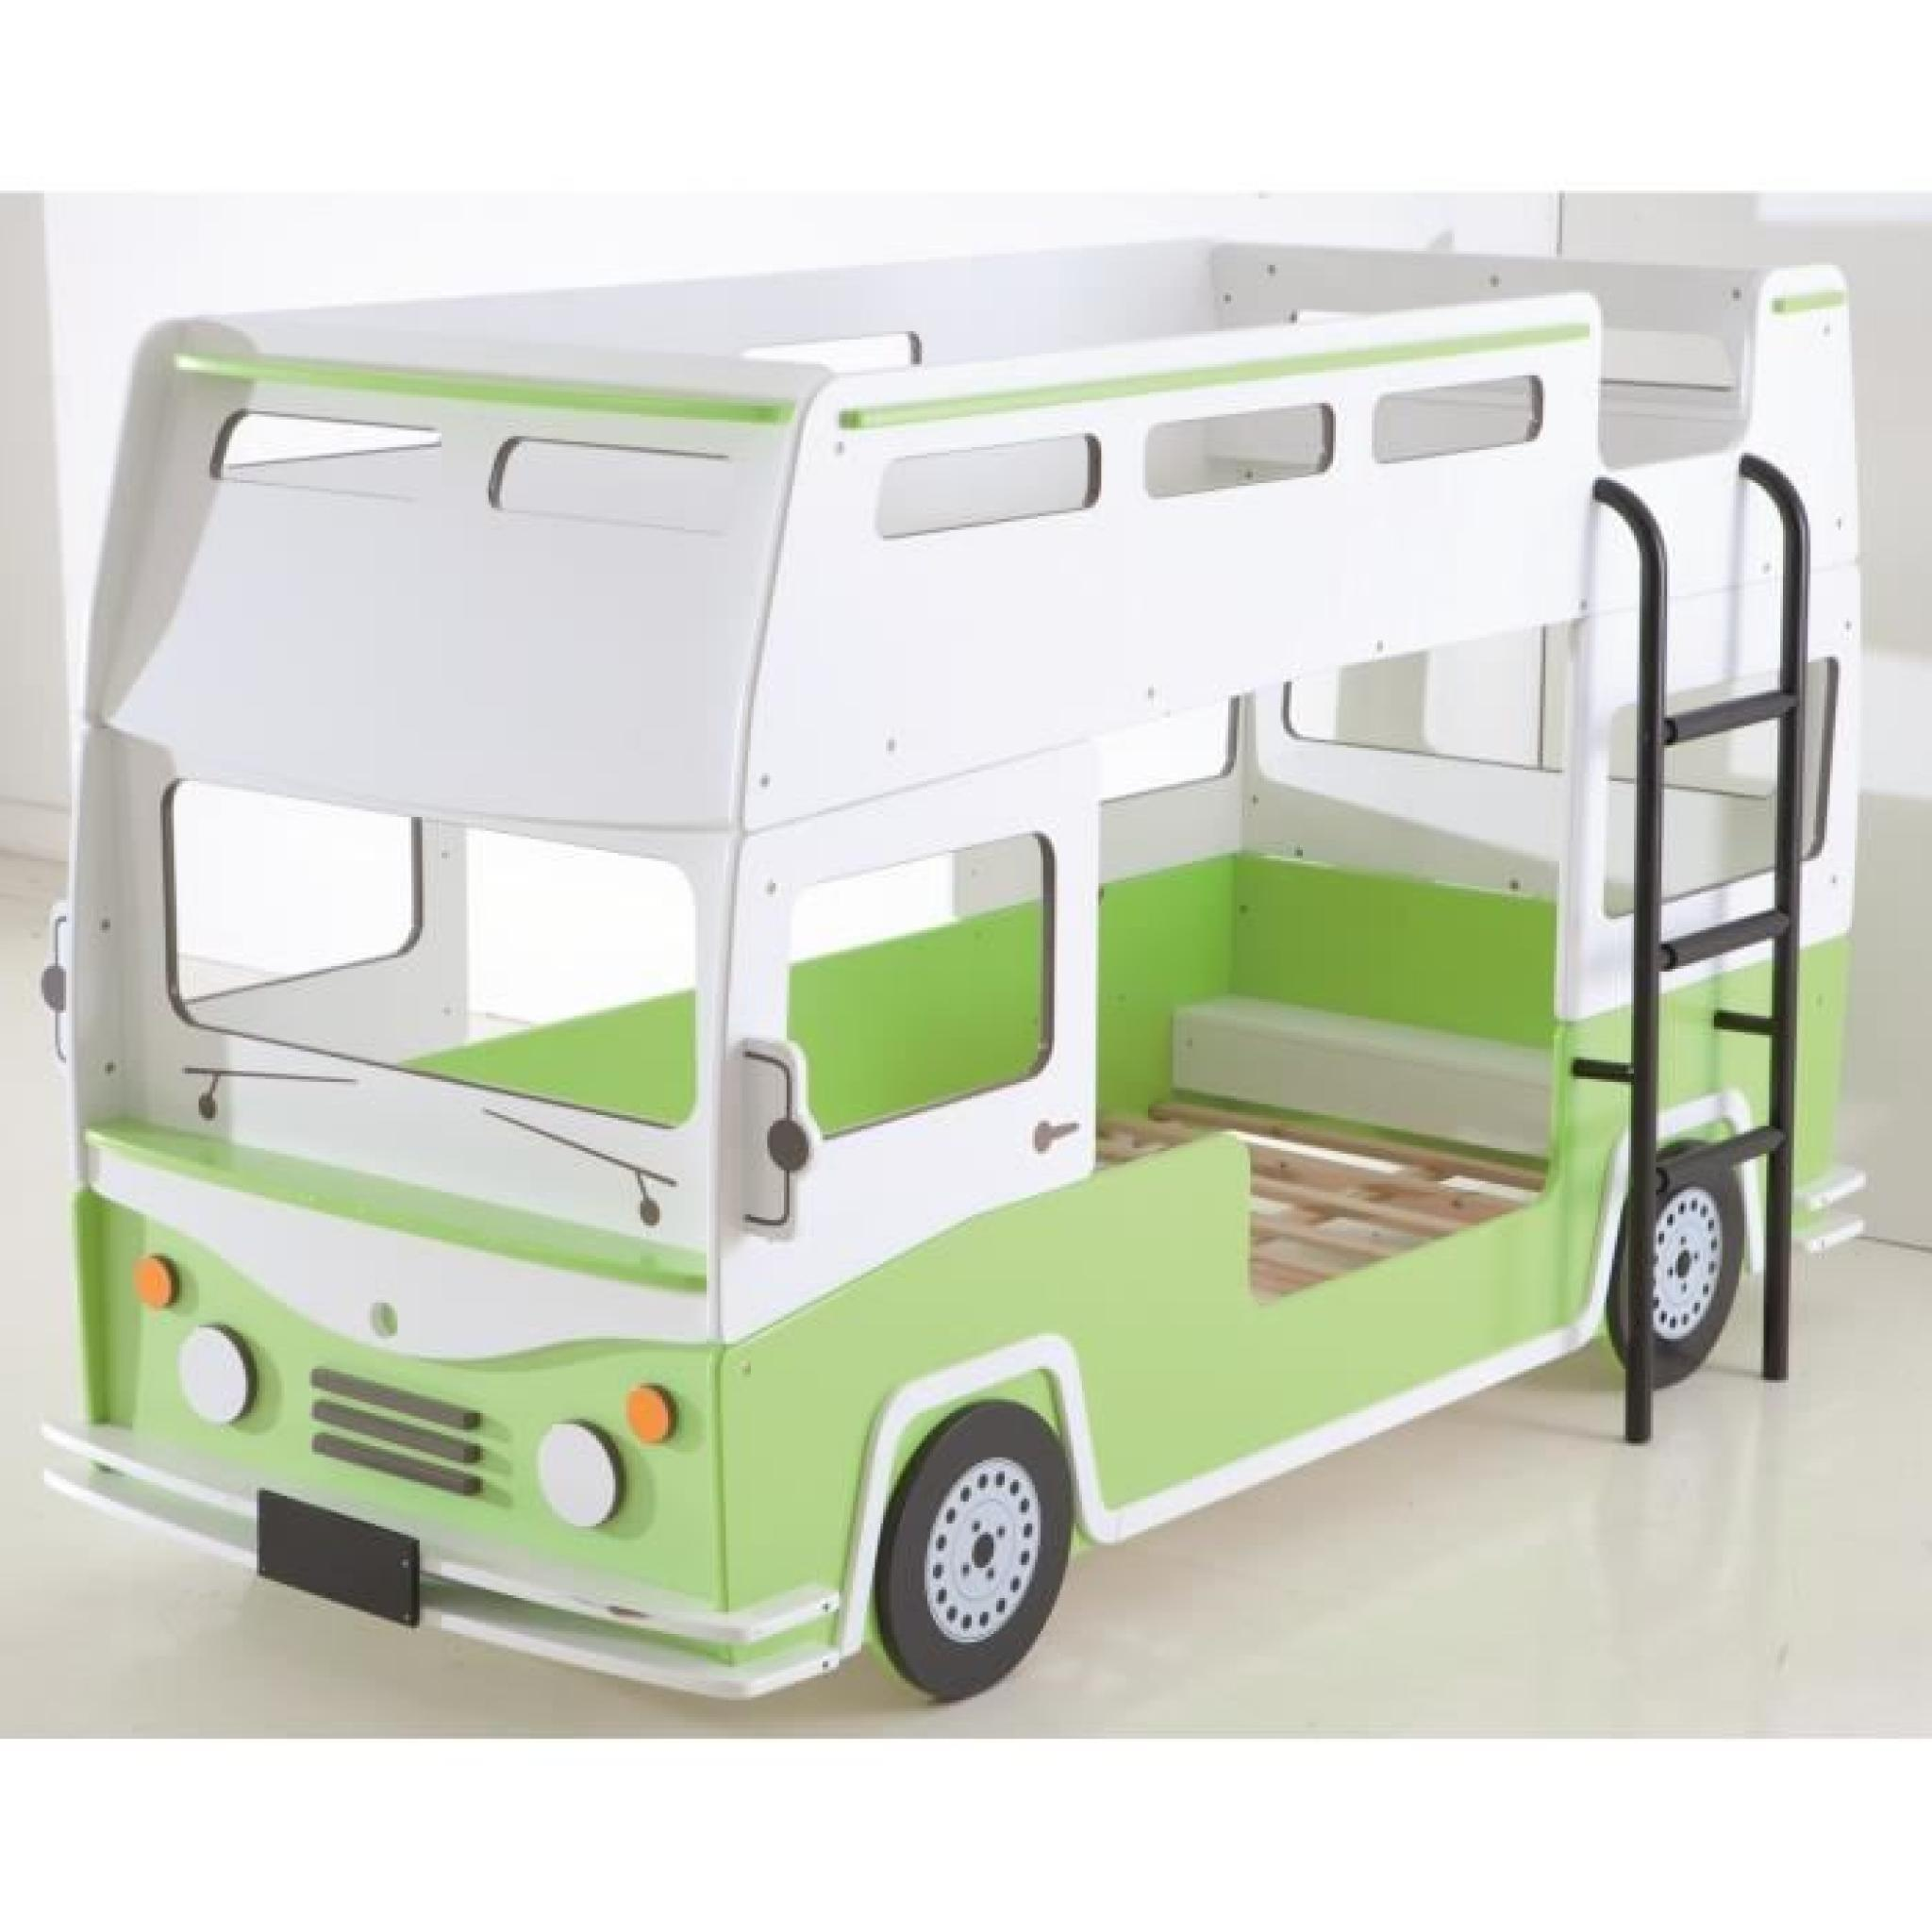 bussy lits superpos s enfant 90x190 200 vert blanc achat vente lit superpose pas cher. Black Bedroom Furniture Sets. Home Design Ideas